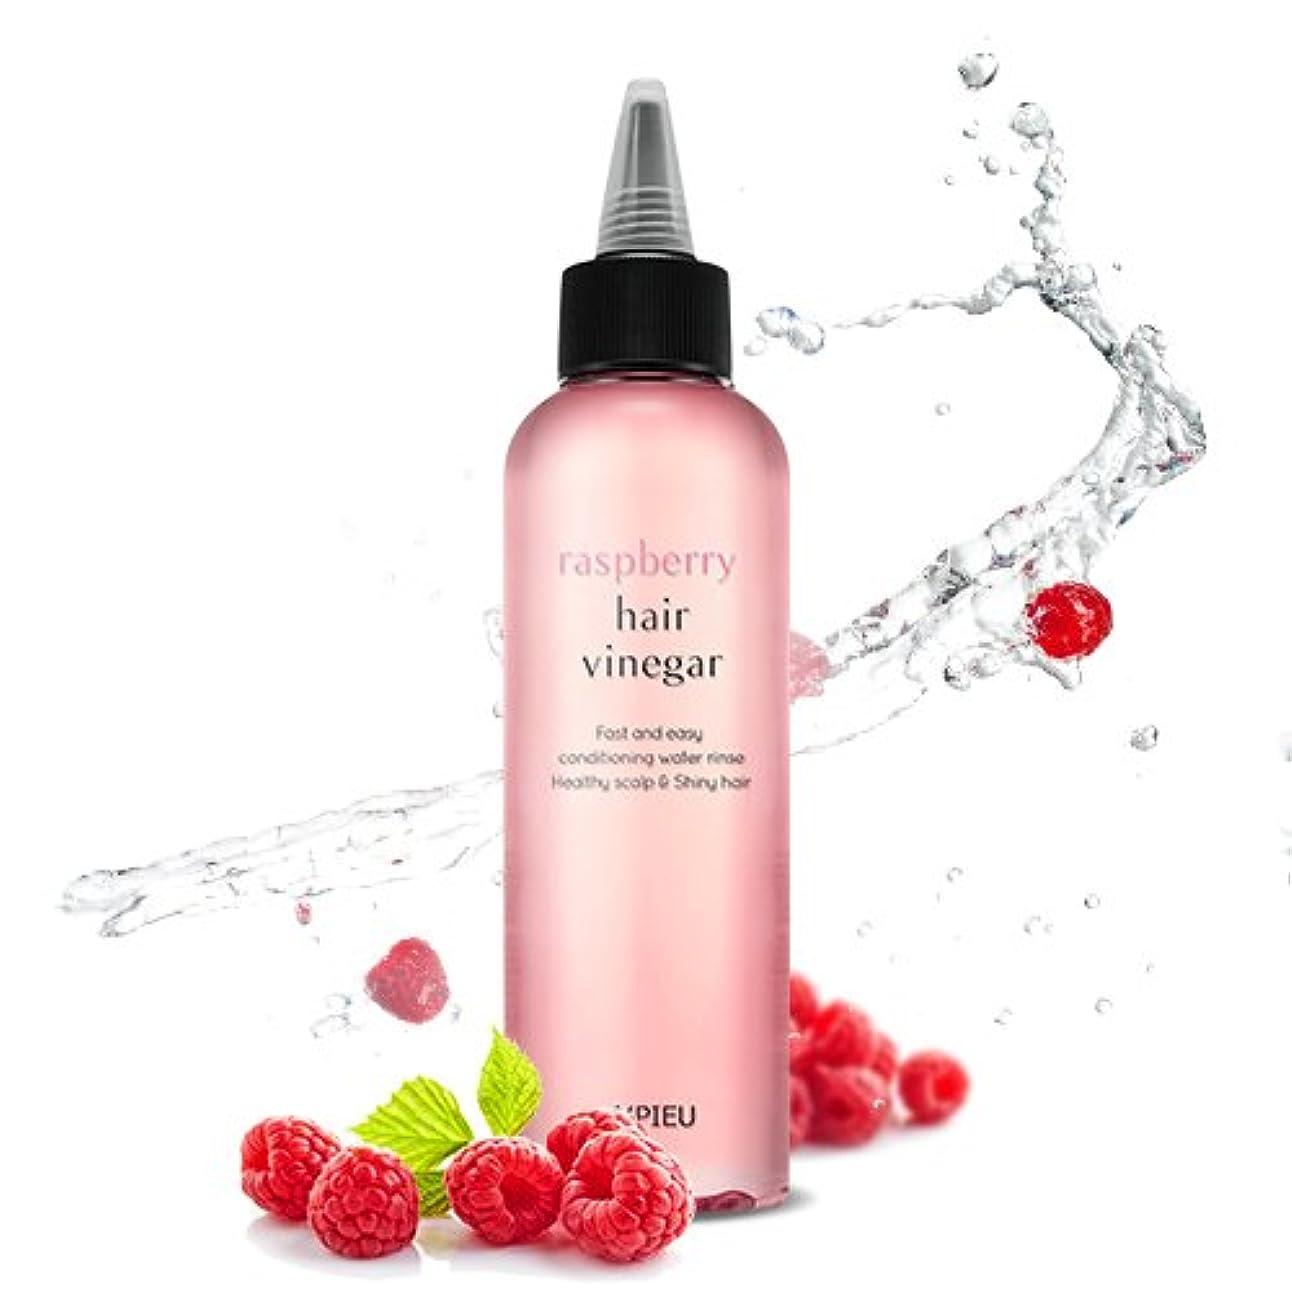 起きる病気だと思う毒液APIEU Raspberry Hair Vinegar / [アピュ/オピュ] ラズベリーヘアビネガー 200ml [並行輸入品]